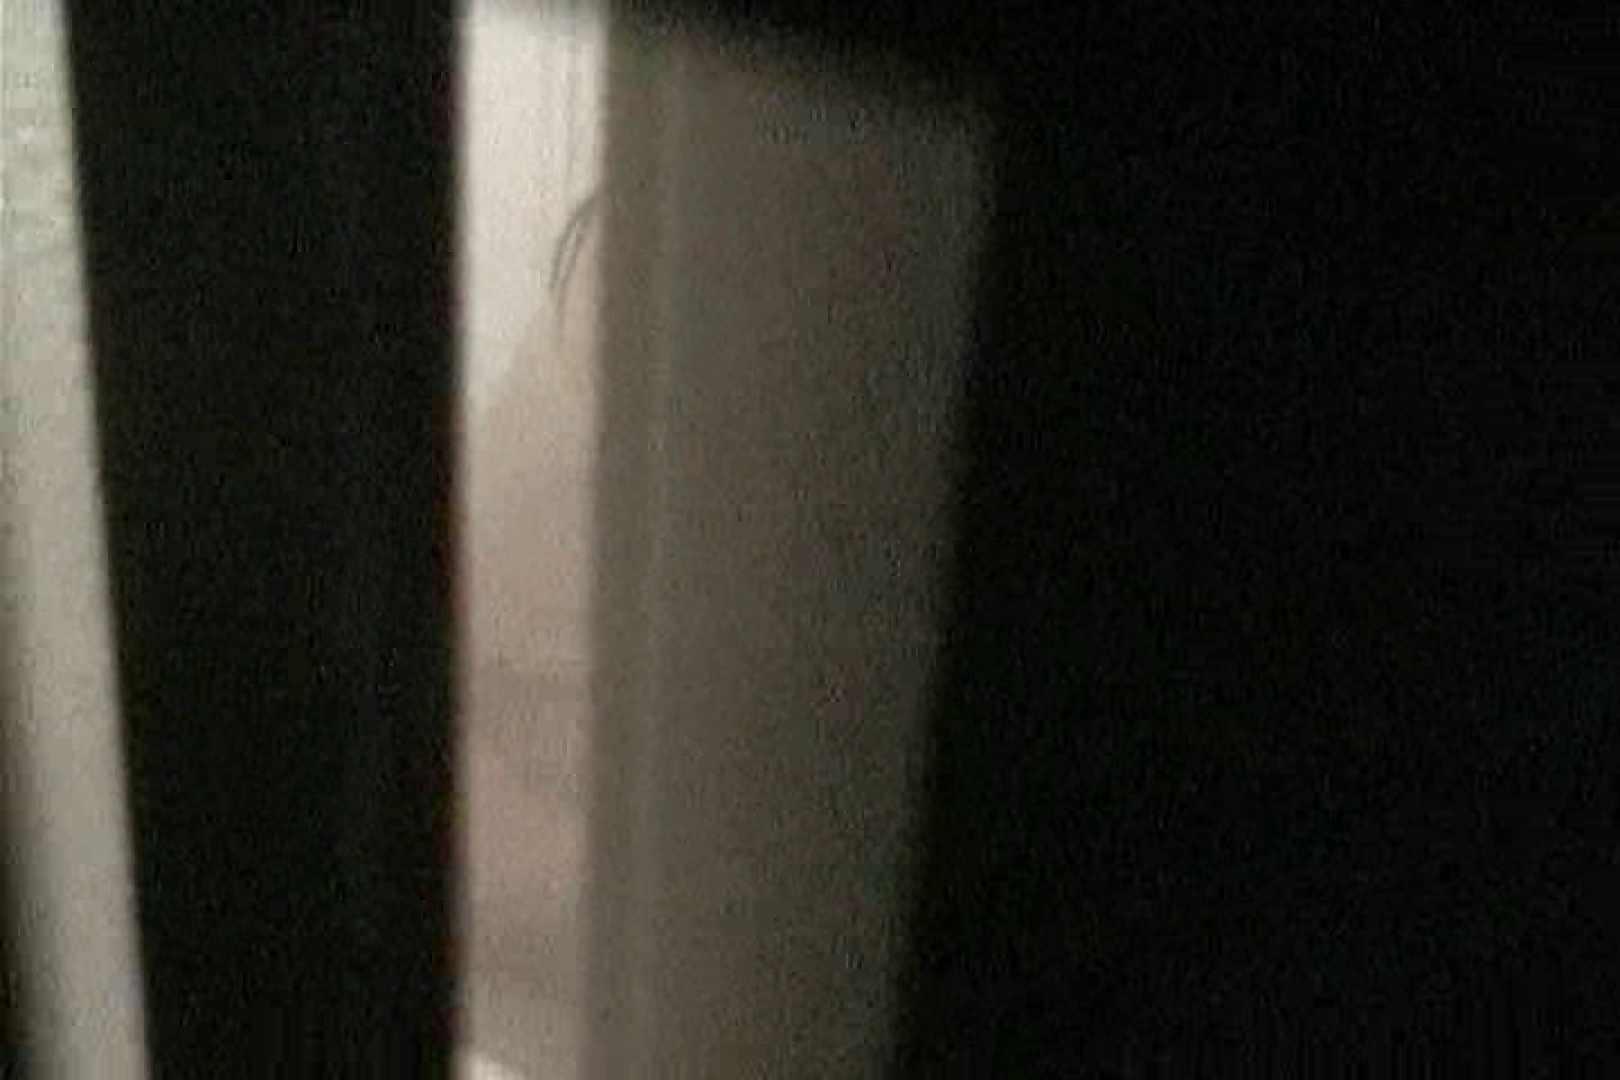 民家の騎士さんの最後の性戦Vol.1 美女OL   民家でお風呂  84連発 9